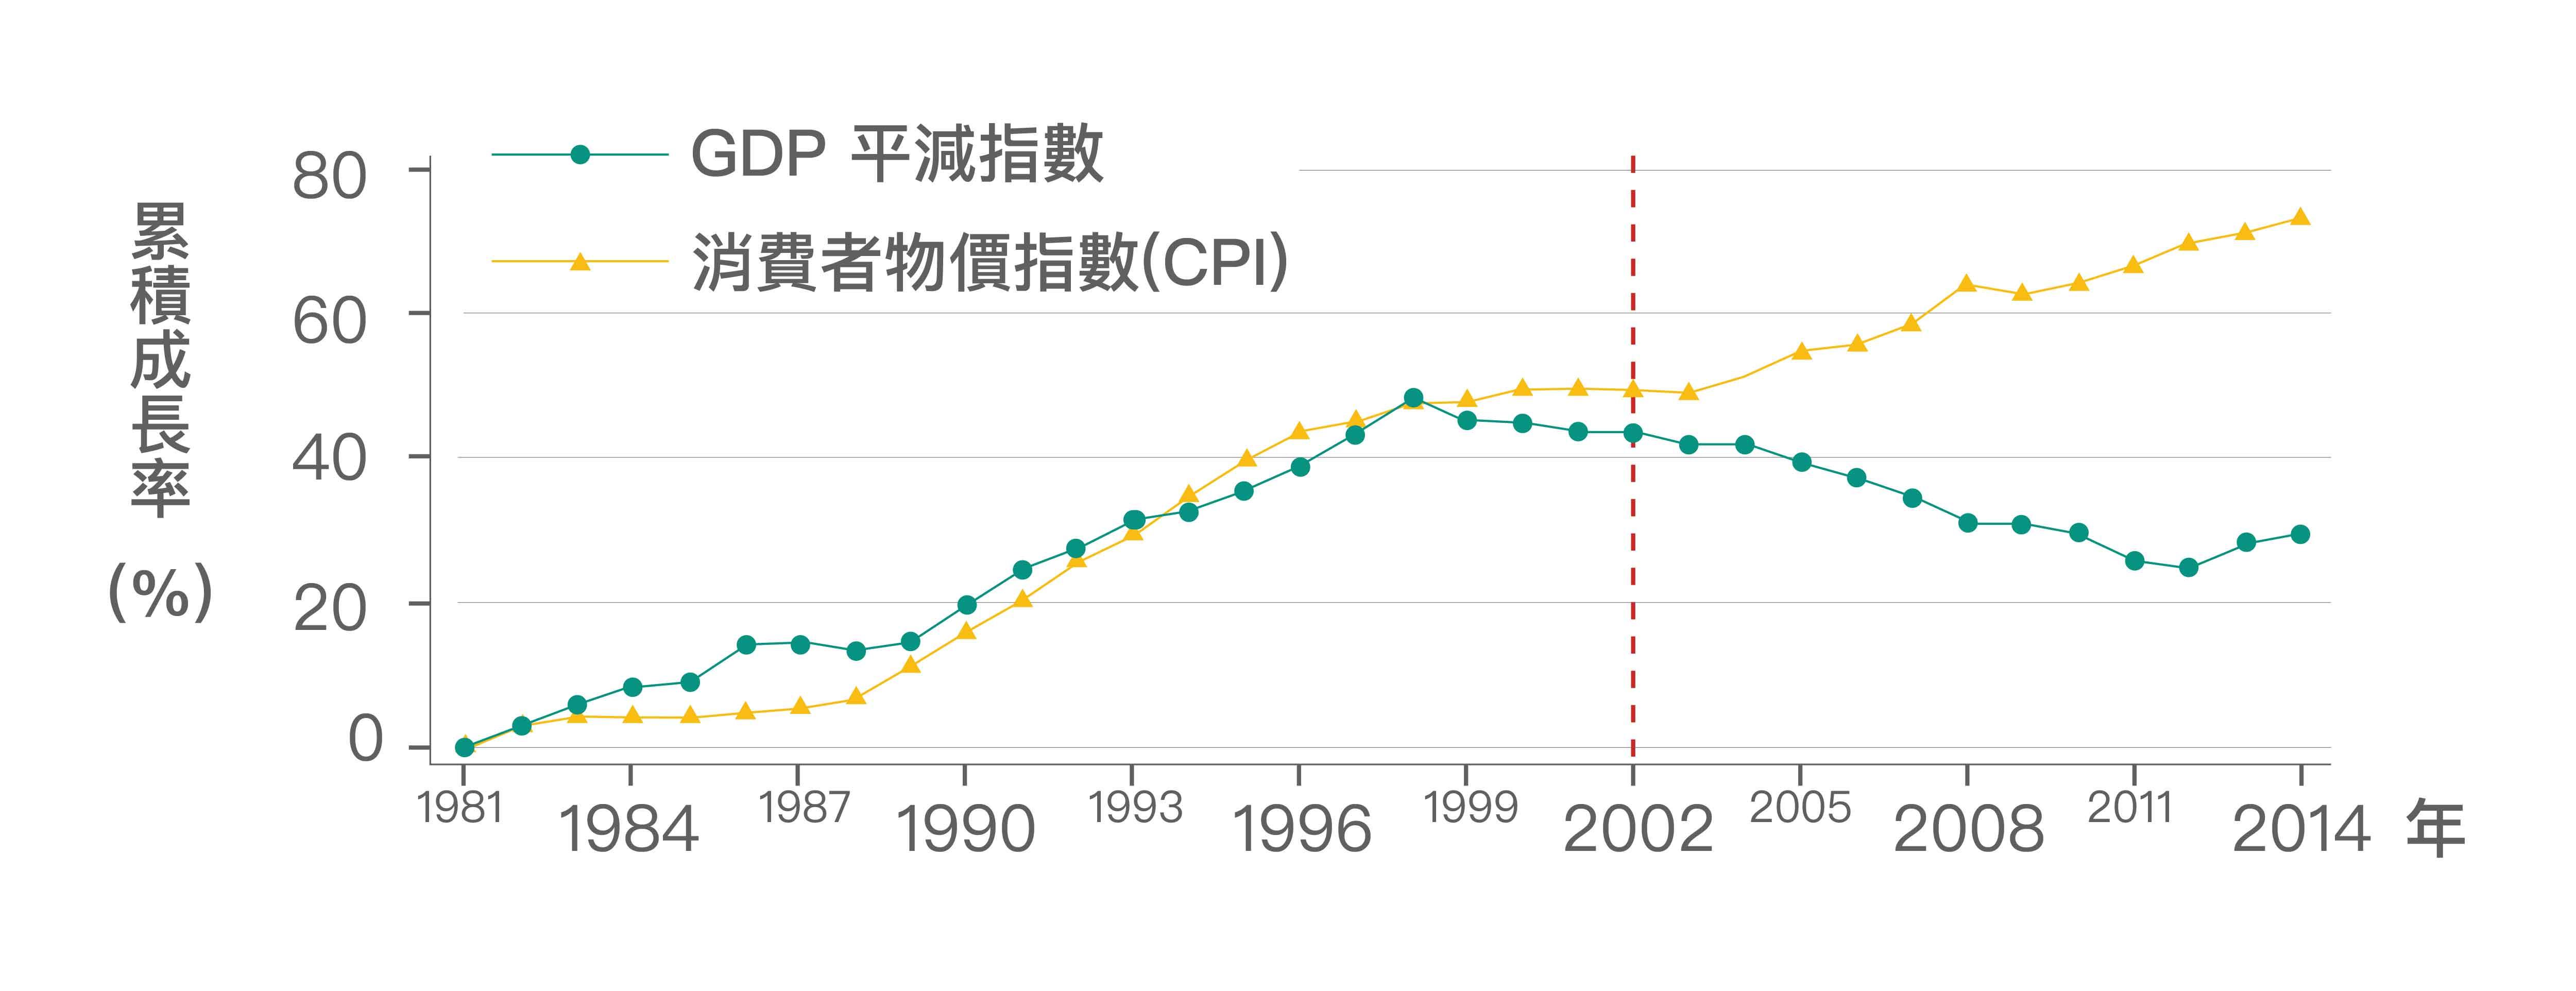 臺灣從 2002年開始, GDP 平減指數一直下跌,然而消費者物價指數 (CPI) 卻持續上漲。也就是說,我們生產的產品變賣成現金,越來越不夠買到想要的東西。 資料來源│《經濟成長、薪資停滯?初探臺灣實質薪資與勞動生產力脫勾的成因》,作者:林依伶、楊子霆